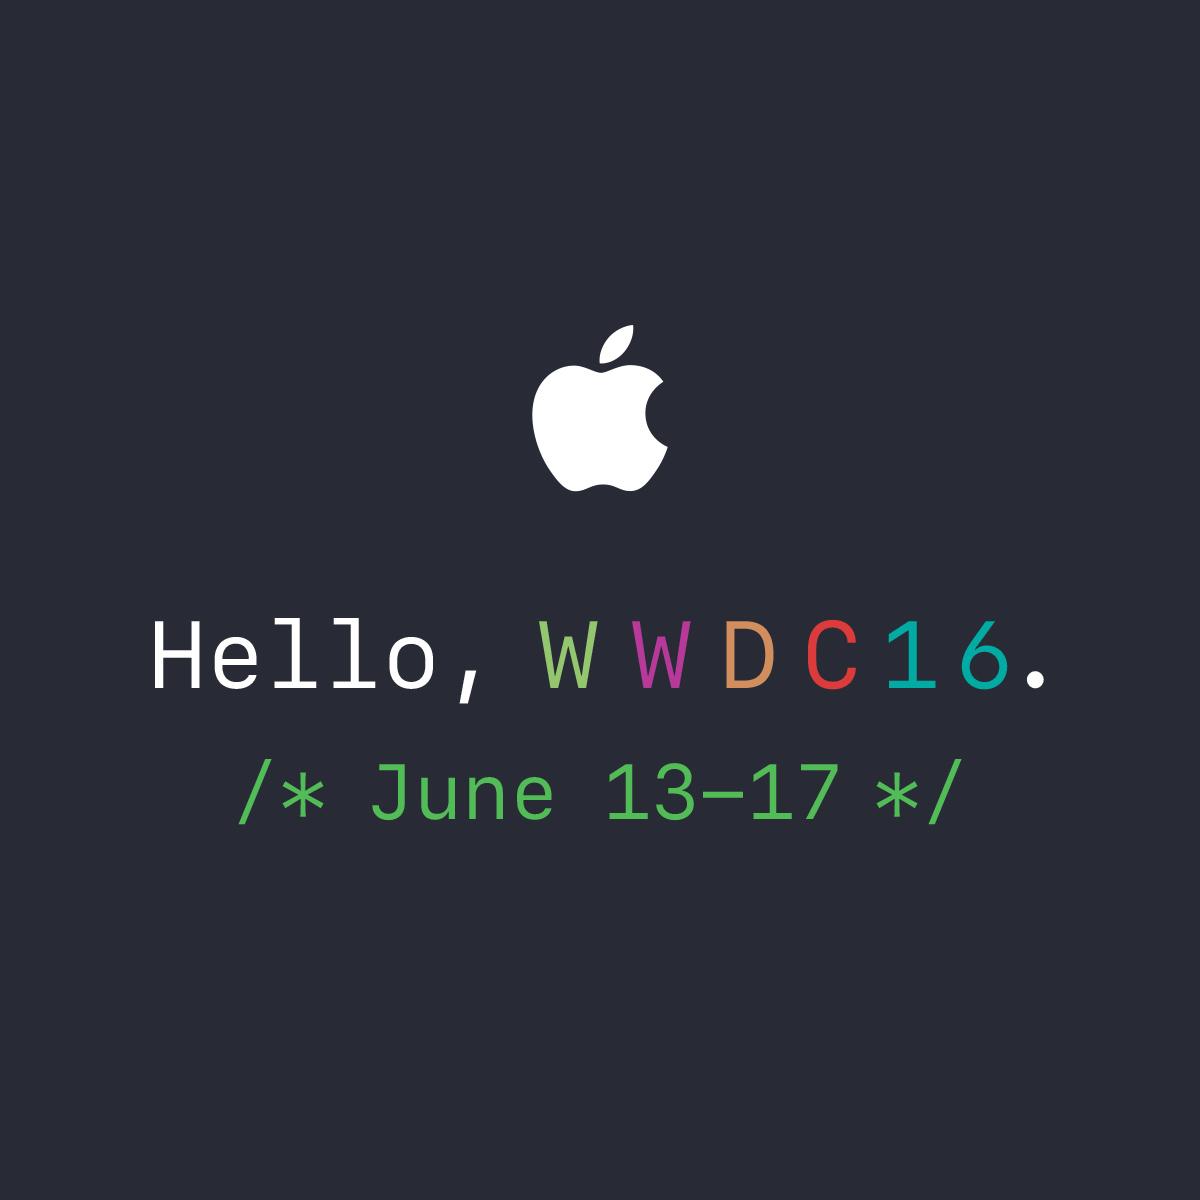 WWDC 2016: Lunedì 13 Giugno la conferenza mondiale per gli sviluppatori di Apple